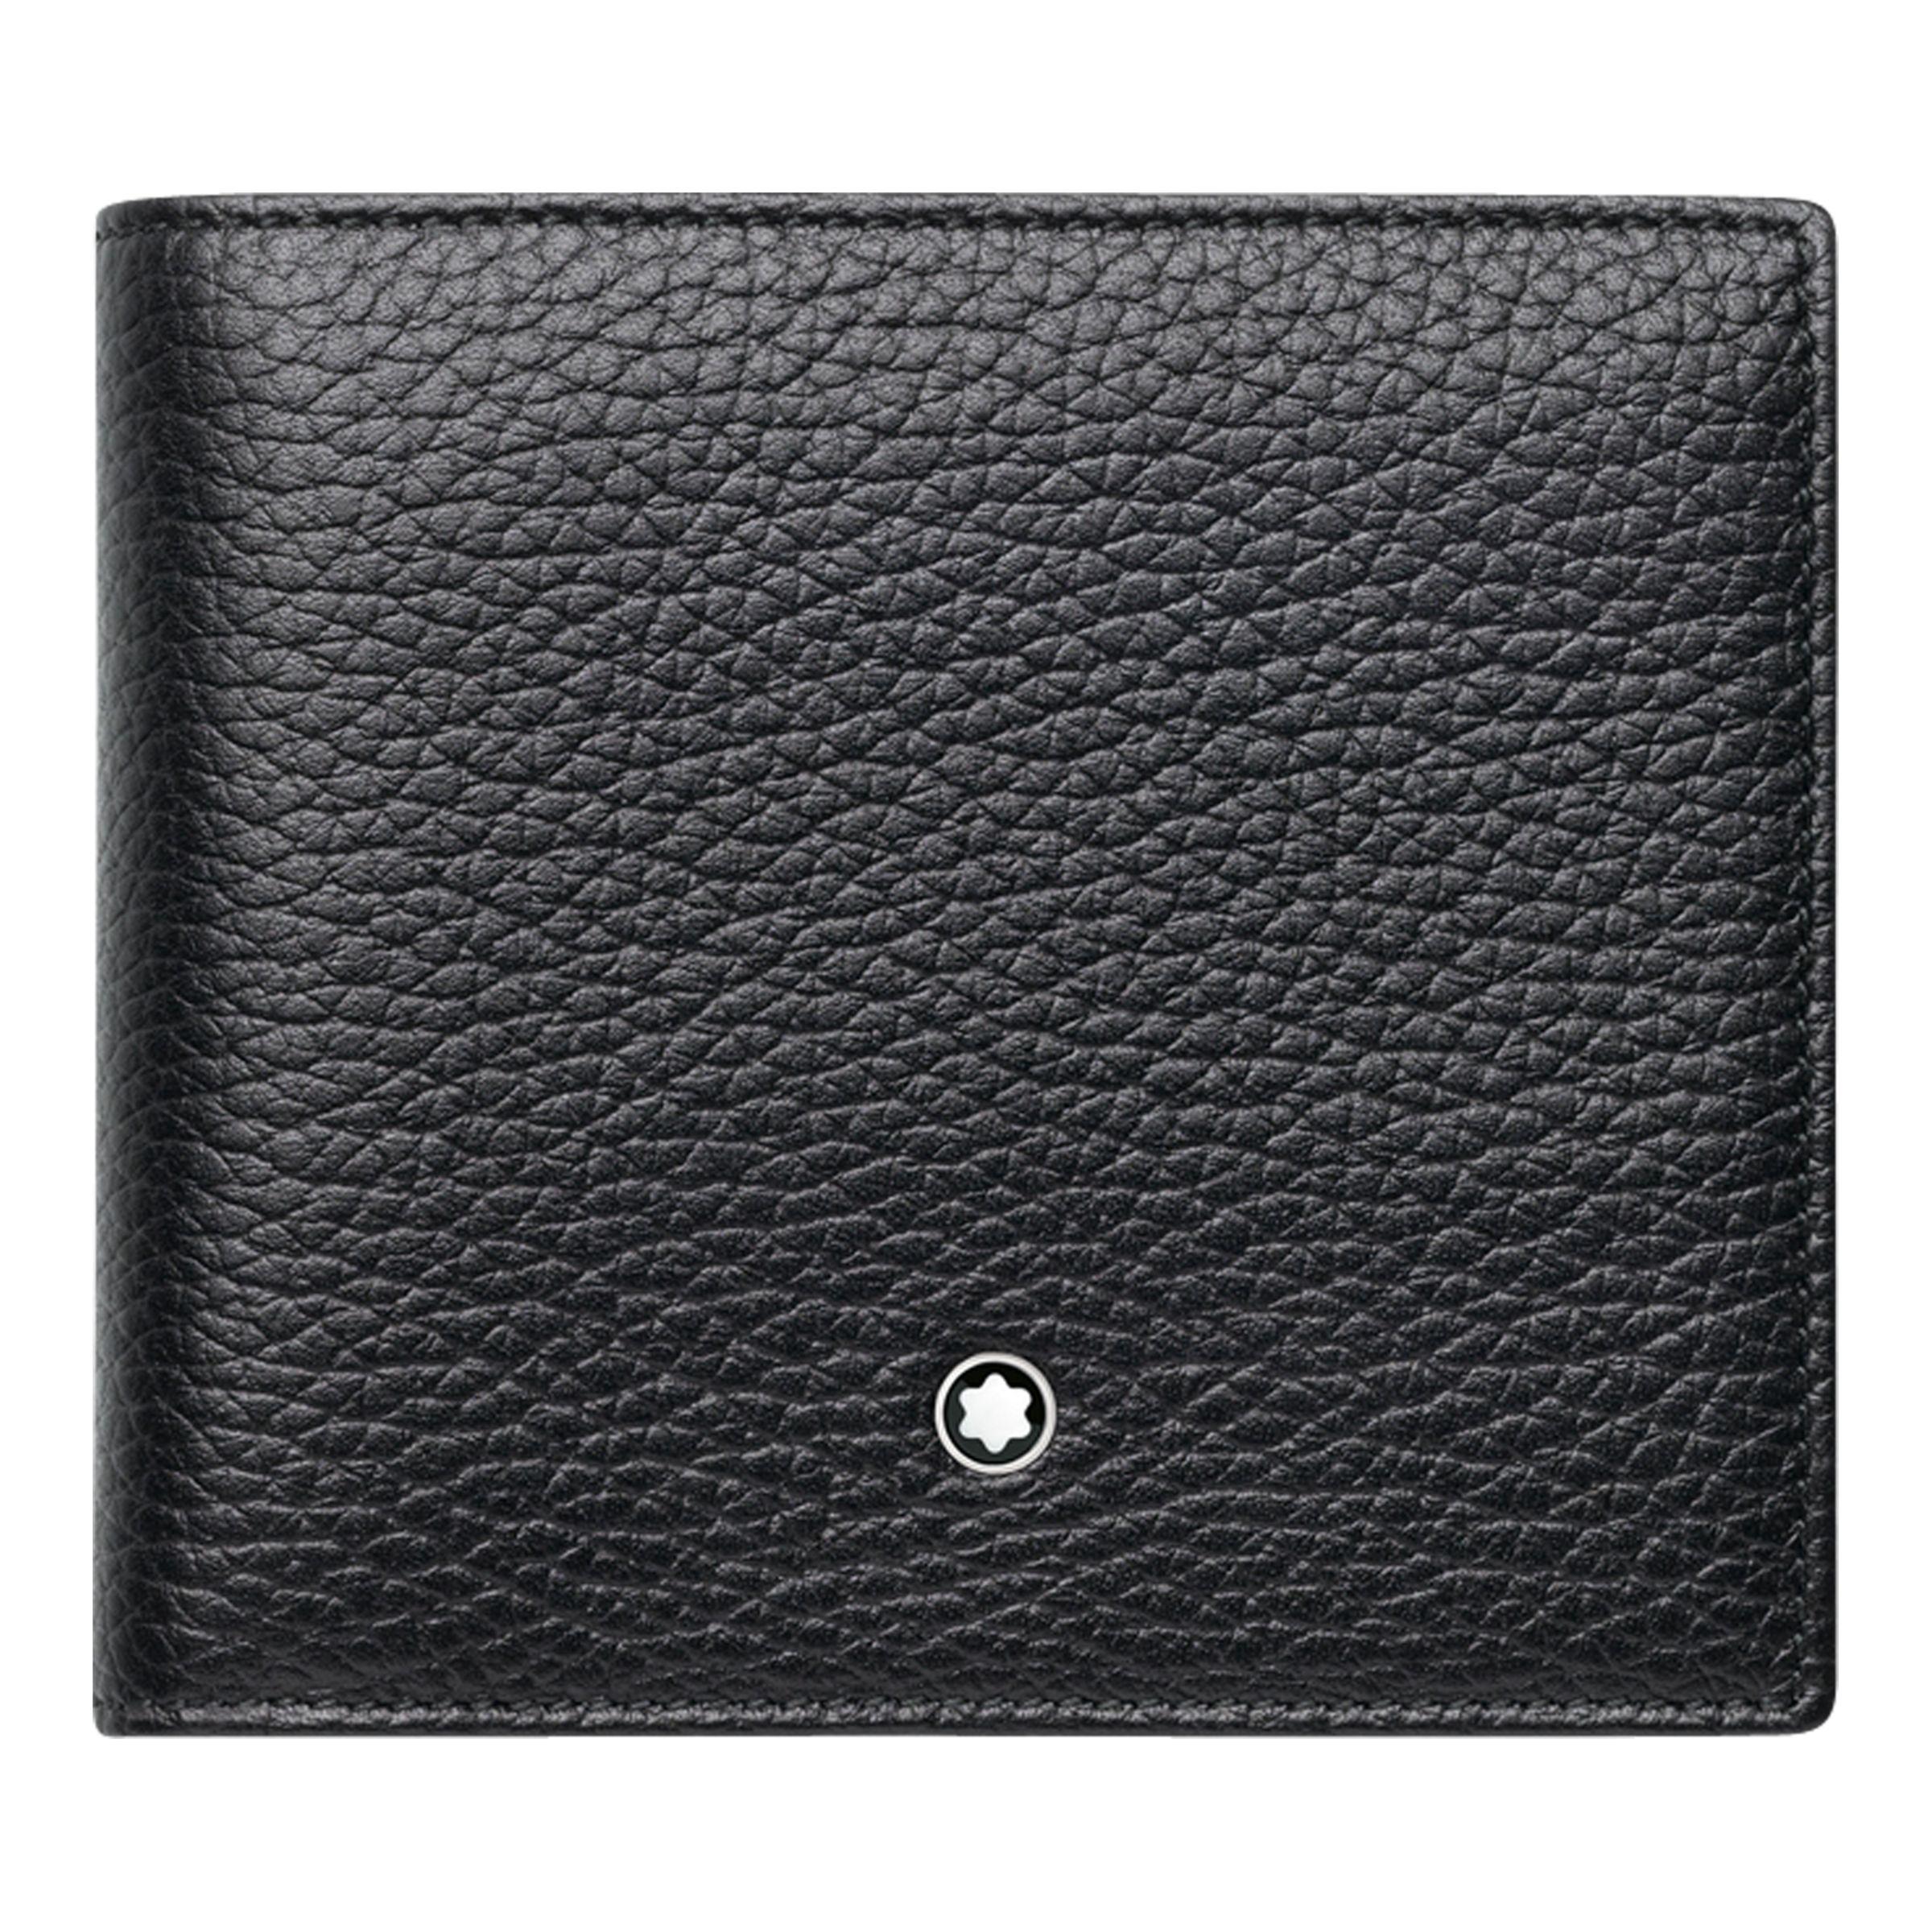 Montblanc Montblanc Meisterstück Soft Grain Leather 4 Card Wallet, Black